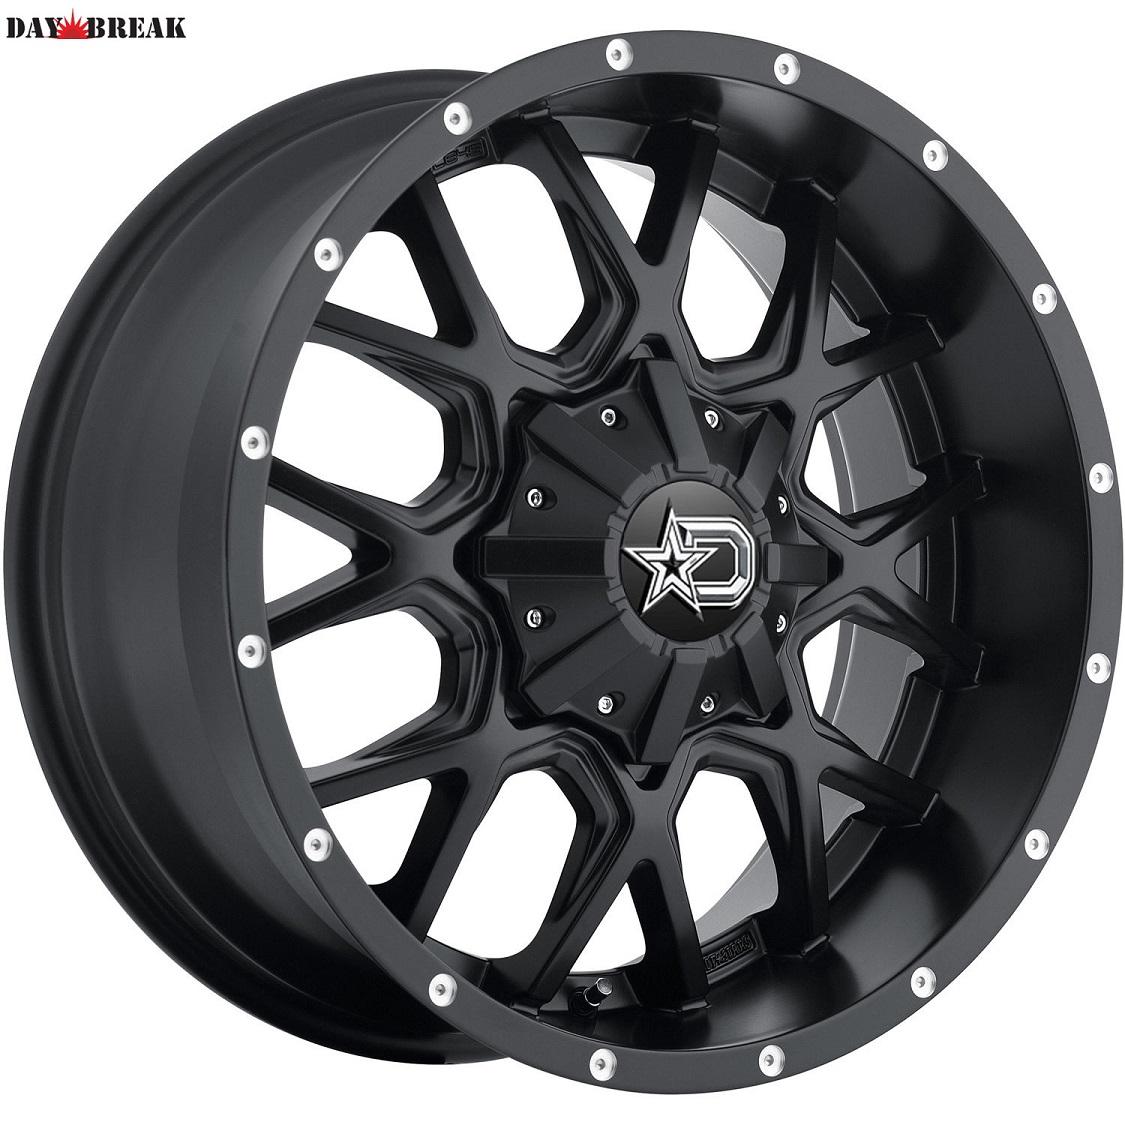 20x9 Black Dropstars 645B  5x150 +18 Rims Mud Grappler 33x12.50R20LT 33インチタイヤホイールセット[2007~タンドラ][2008~セコイア][ランクル200][アメ車][逆輸入車][デイブレイク]